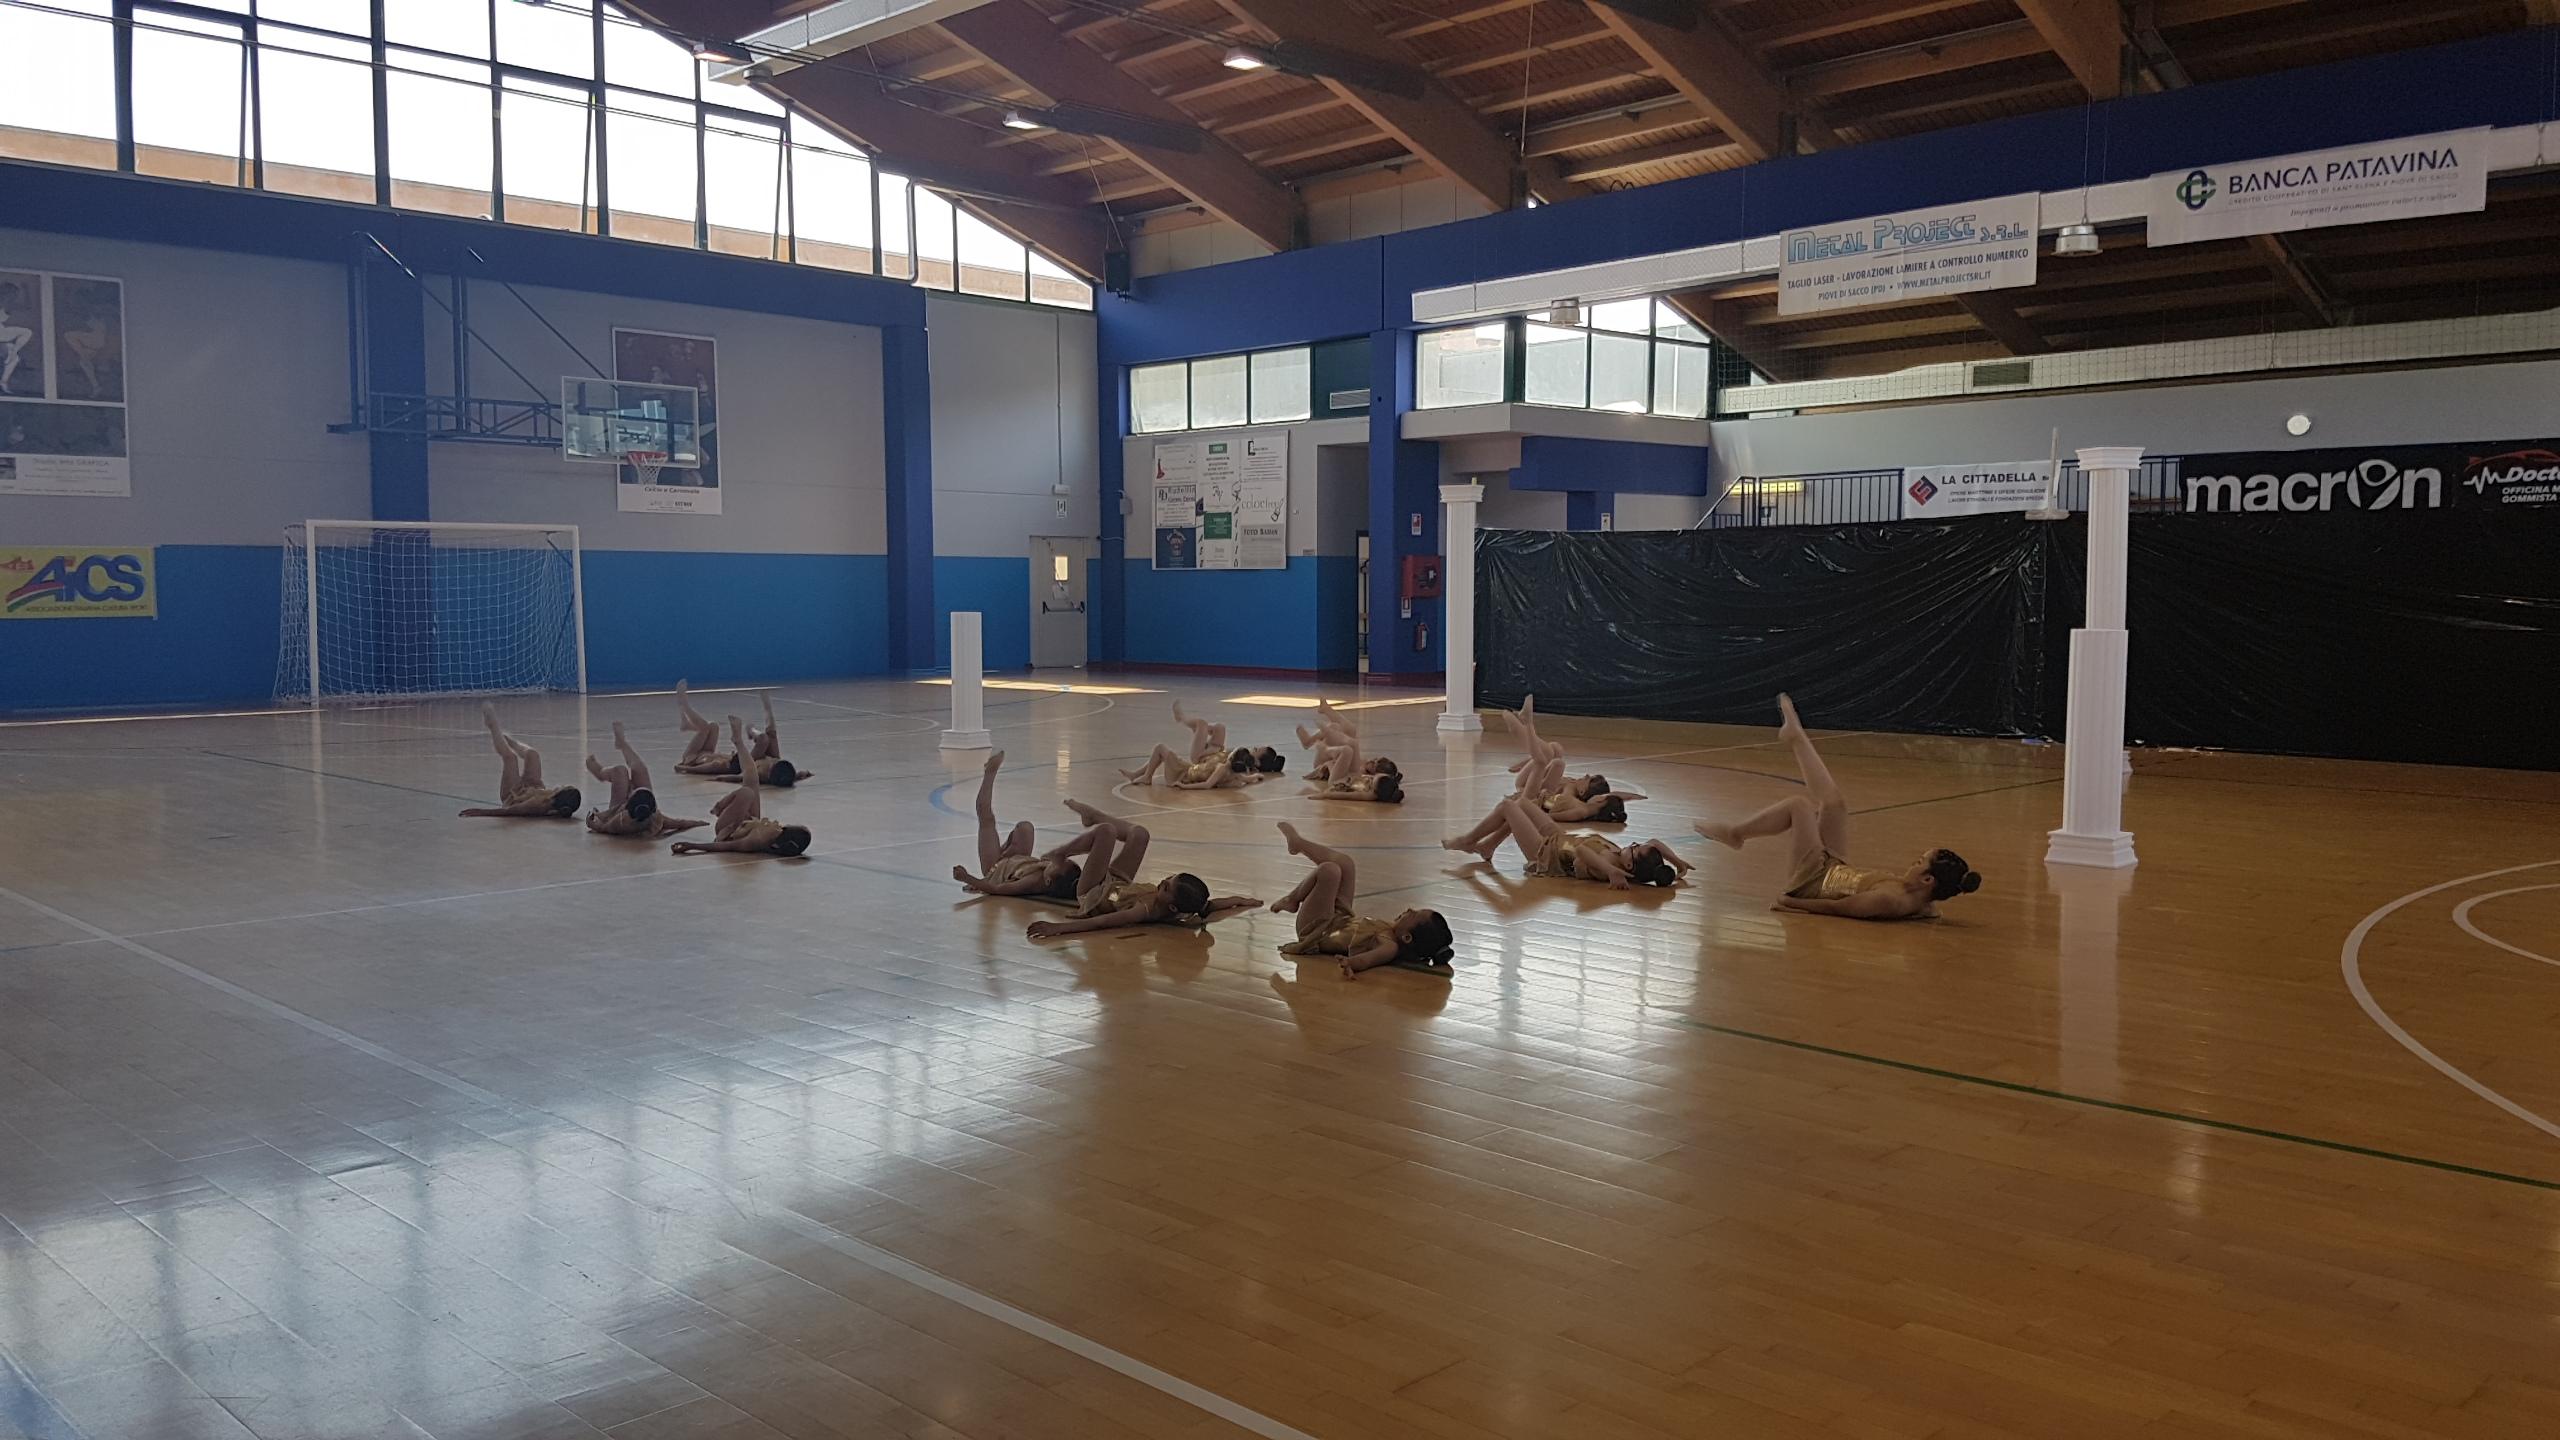 """Corso di Formazione per Istruttore di Ginnastica per Tutti finalizzata alla """"Salute e Fitness"""", a corpo libero e con piccoli attrezzi"""